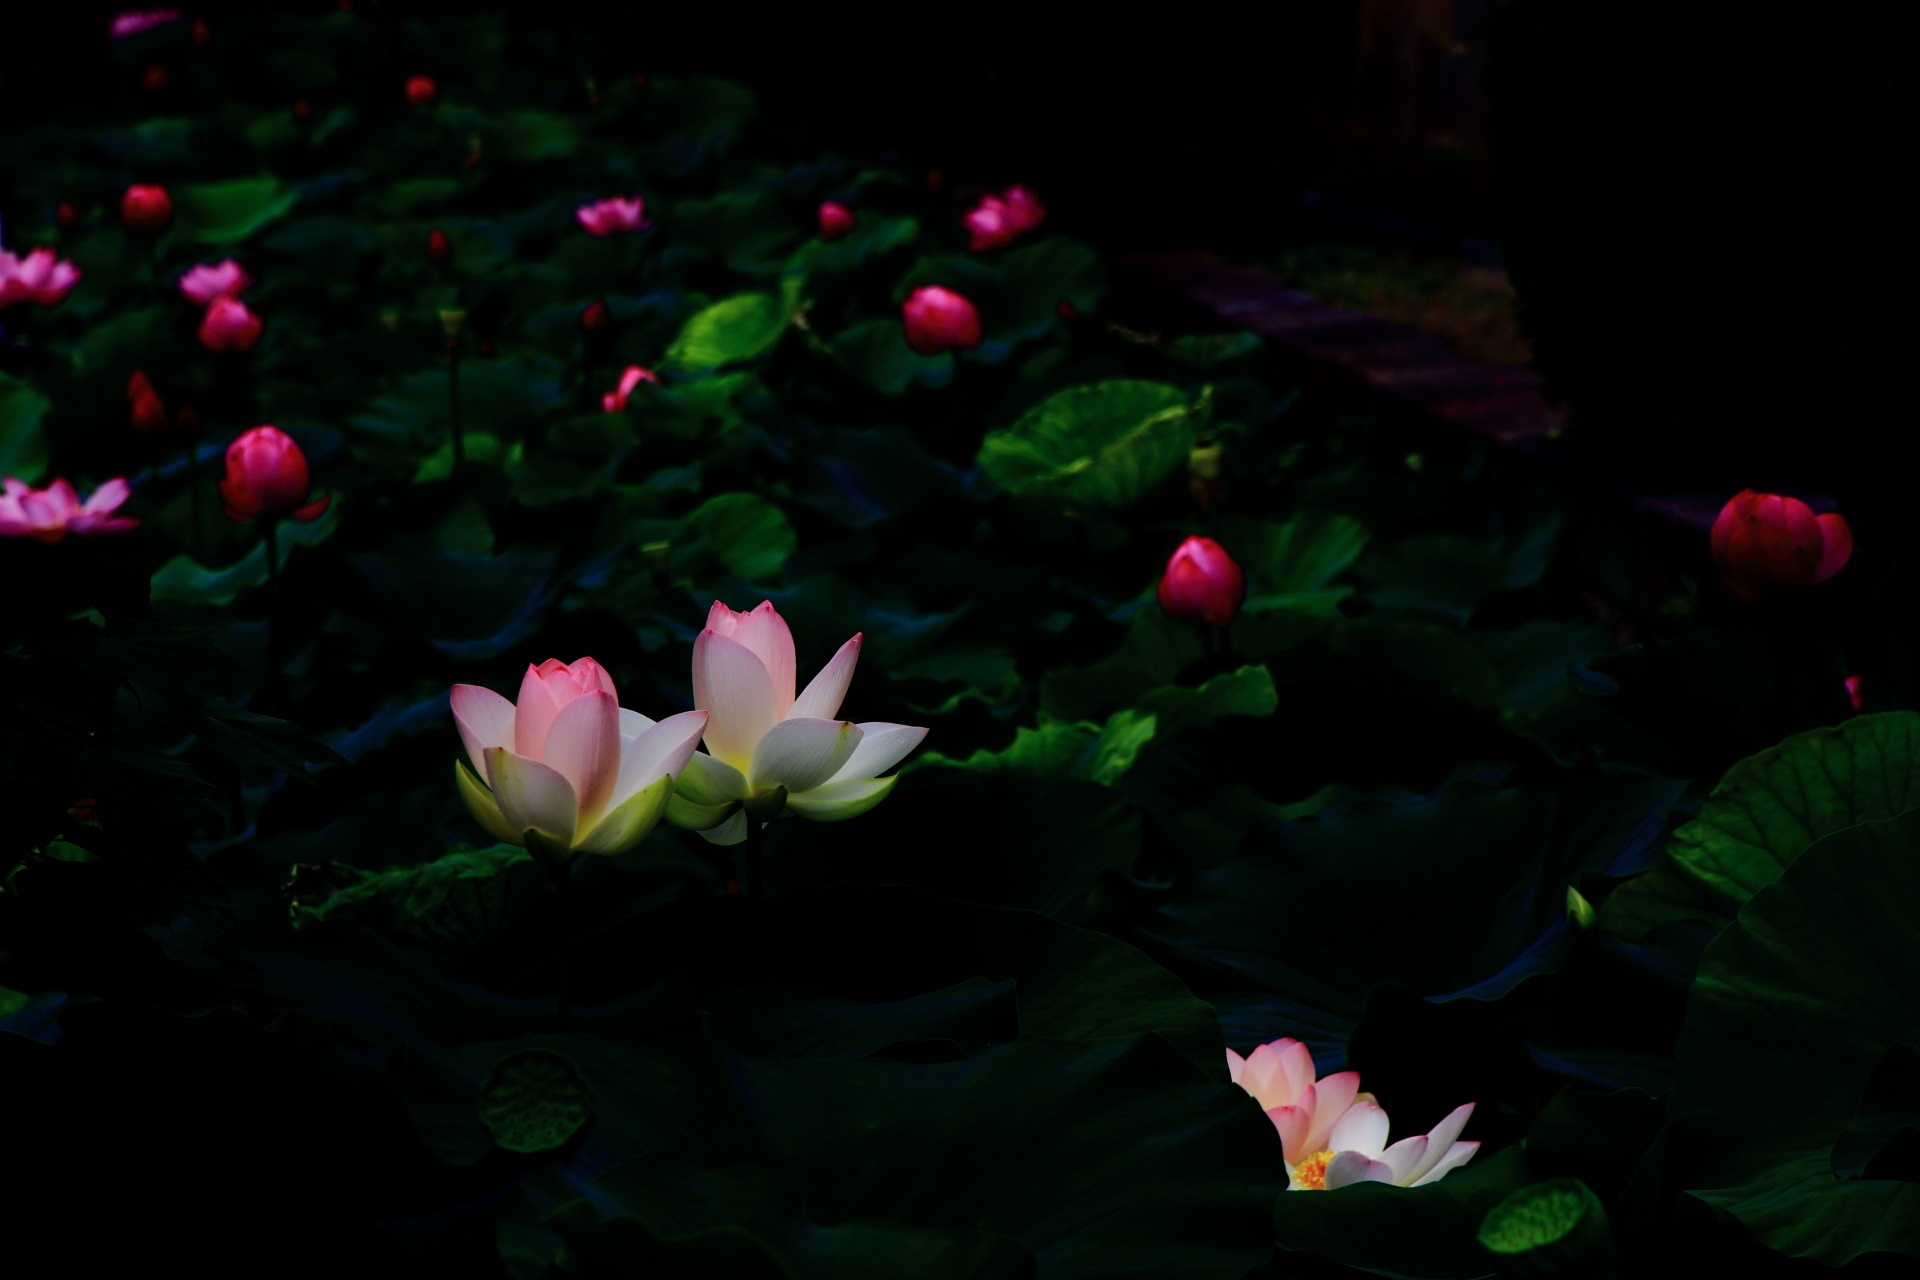 東本願寺の夜の海の荒波で光るような多種多様な蓮の花